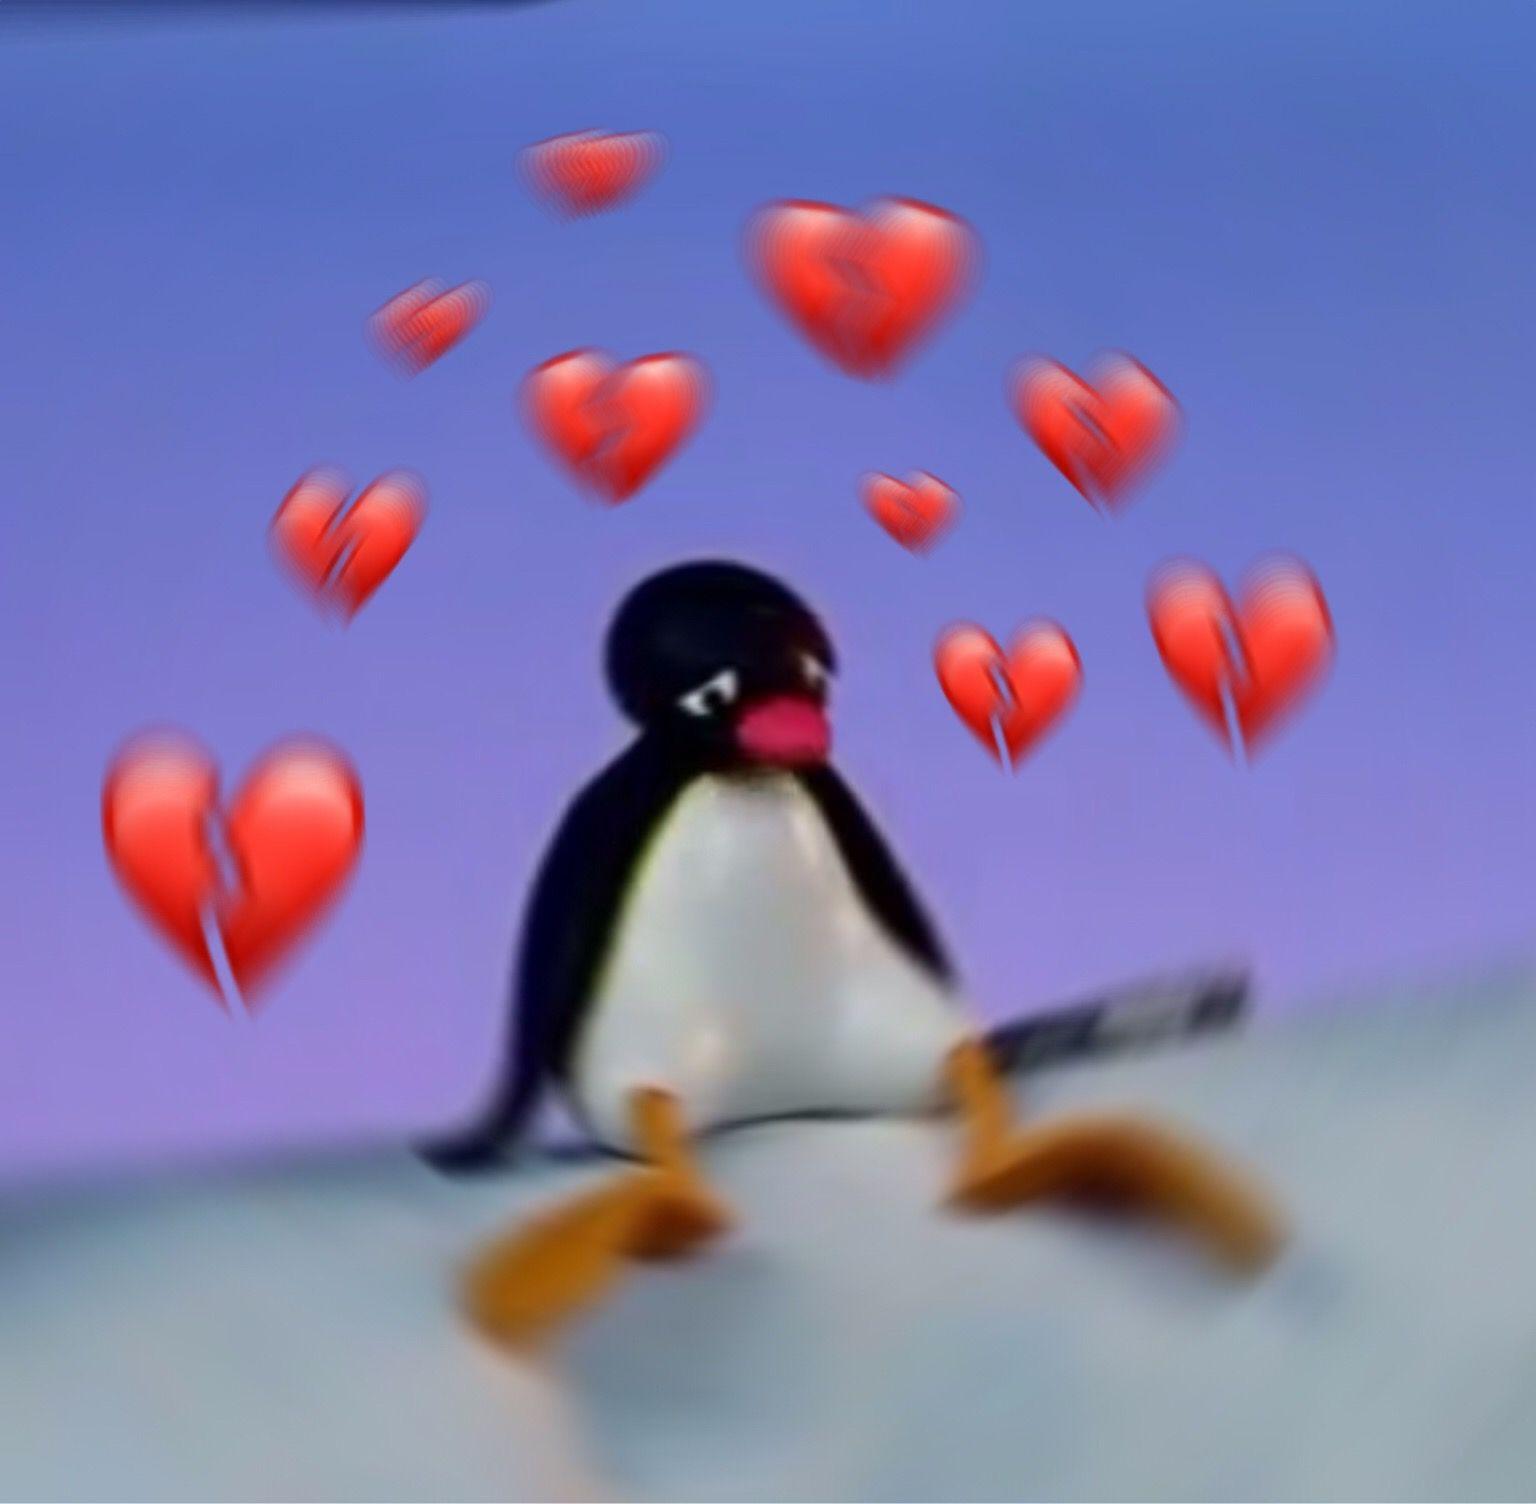 Pin De Mhiam Agstn Em Pingu Rostos De Meme Memes De Desenhos